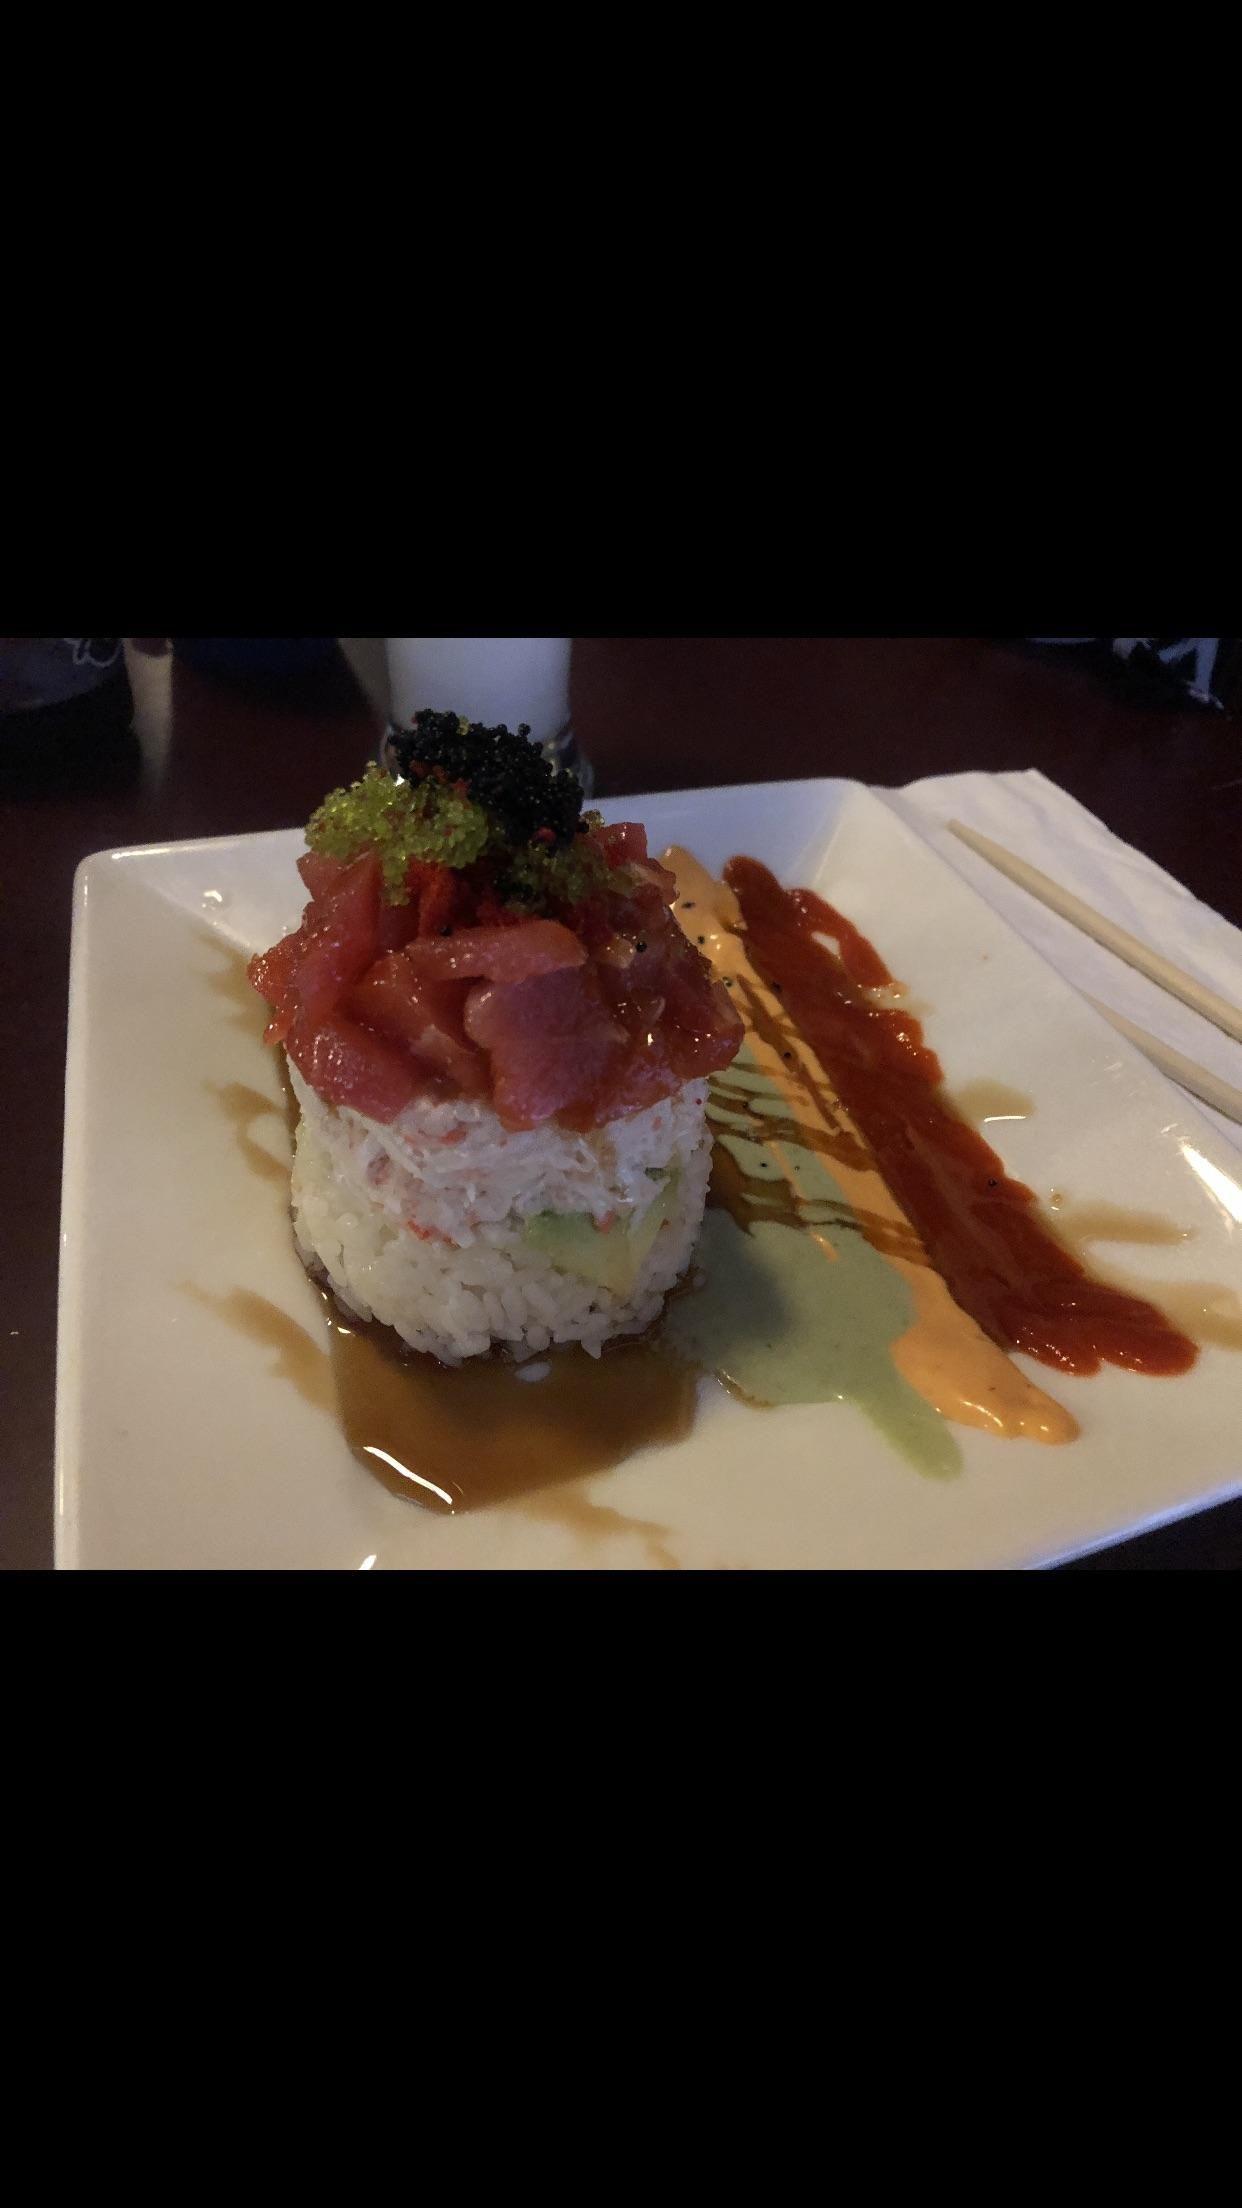 Ahi tower wichita falls tx sakura food best sushi